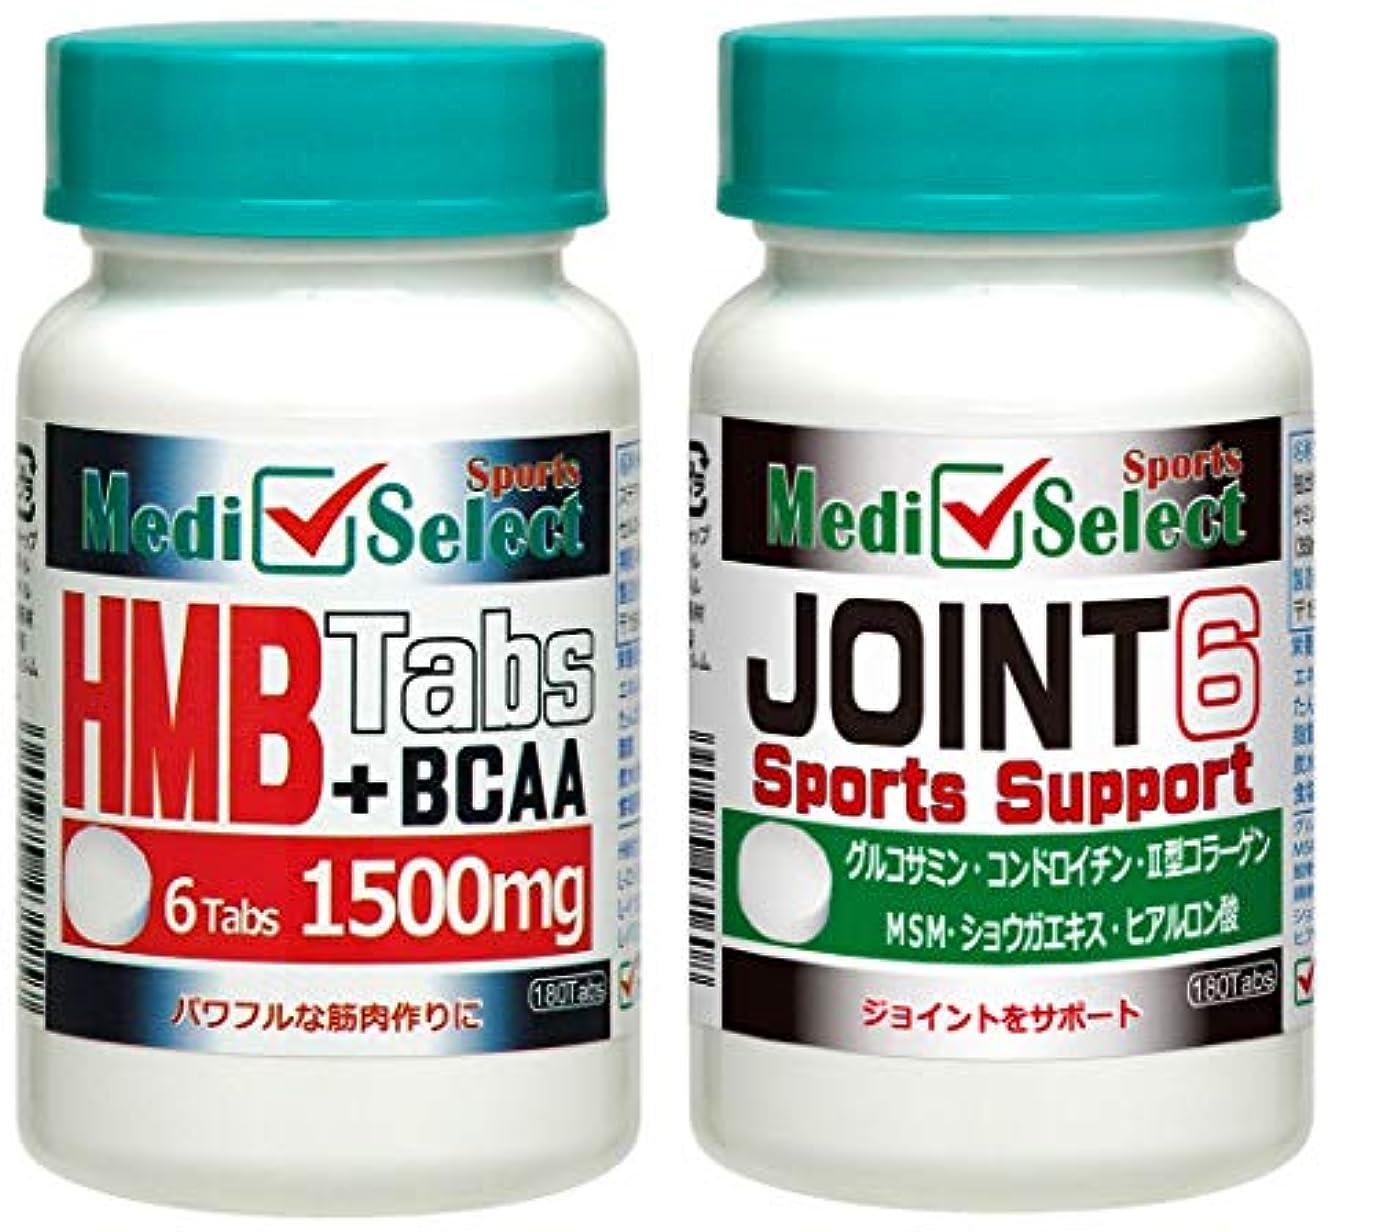 メディセレクト スポーツ HMB+BCAAタブレット (国産原料使用)★爽やかミントの香り (ジョイントセット)